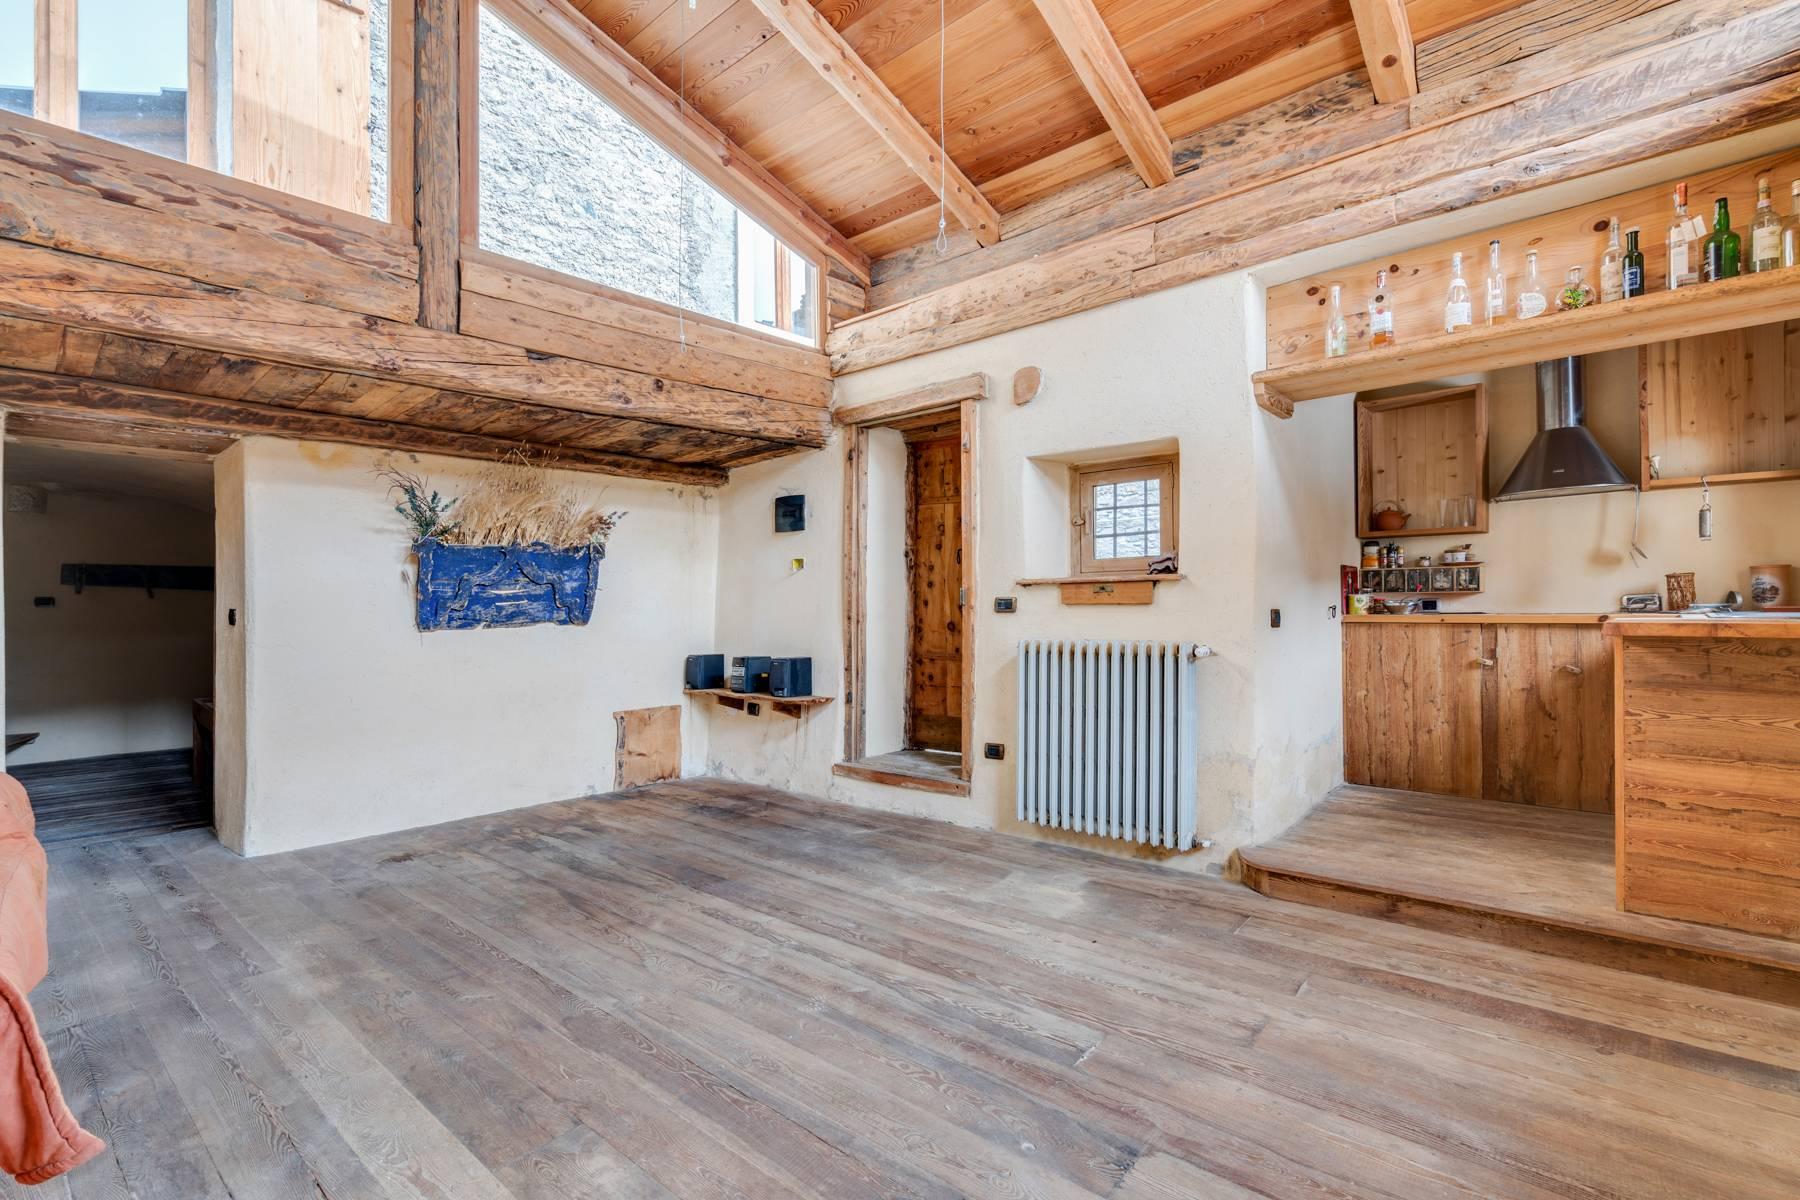 Casa indipendente in Vendita a Cesana Torinese: 5 locali, 180 mq - Foto 18